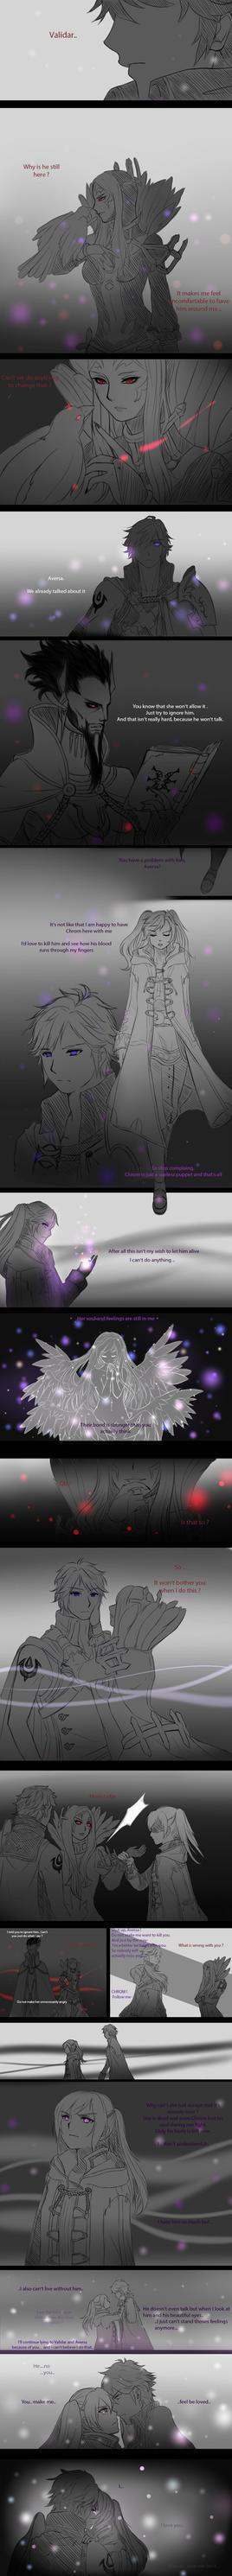 Fire Emblem Awakening: Feelings by OwlLisa